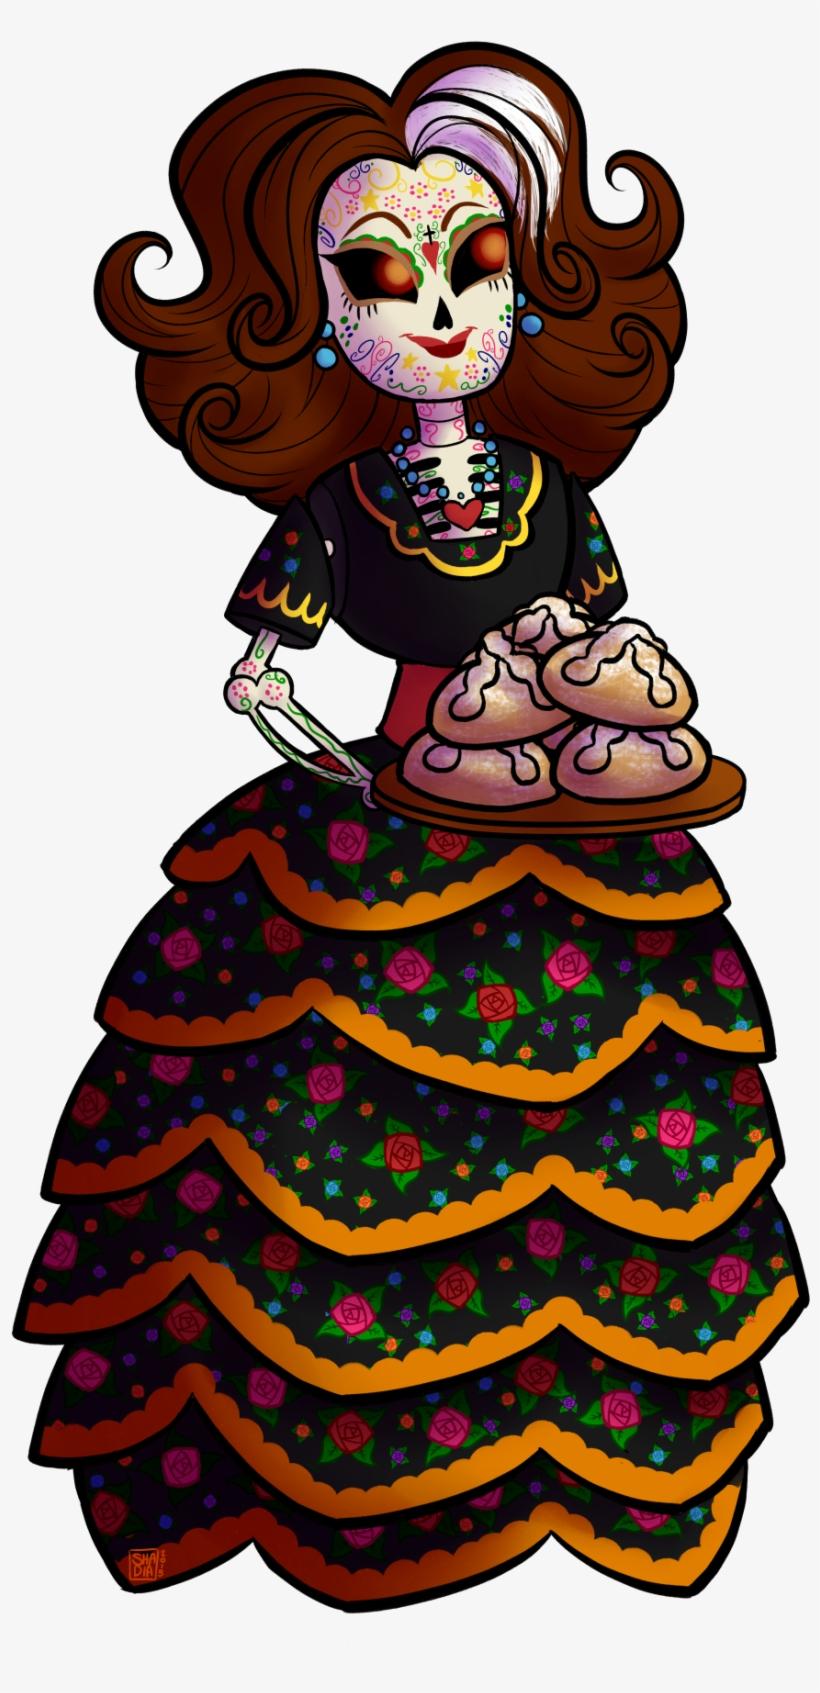 I Wonder Where That Bread Came From - Carmen Sanchez El Libro De La Vida, transparent png #1059557